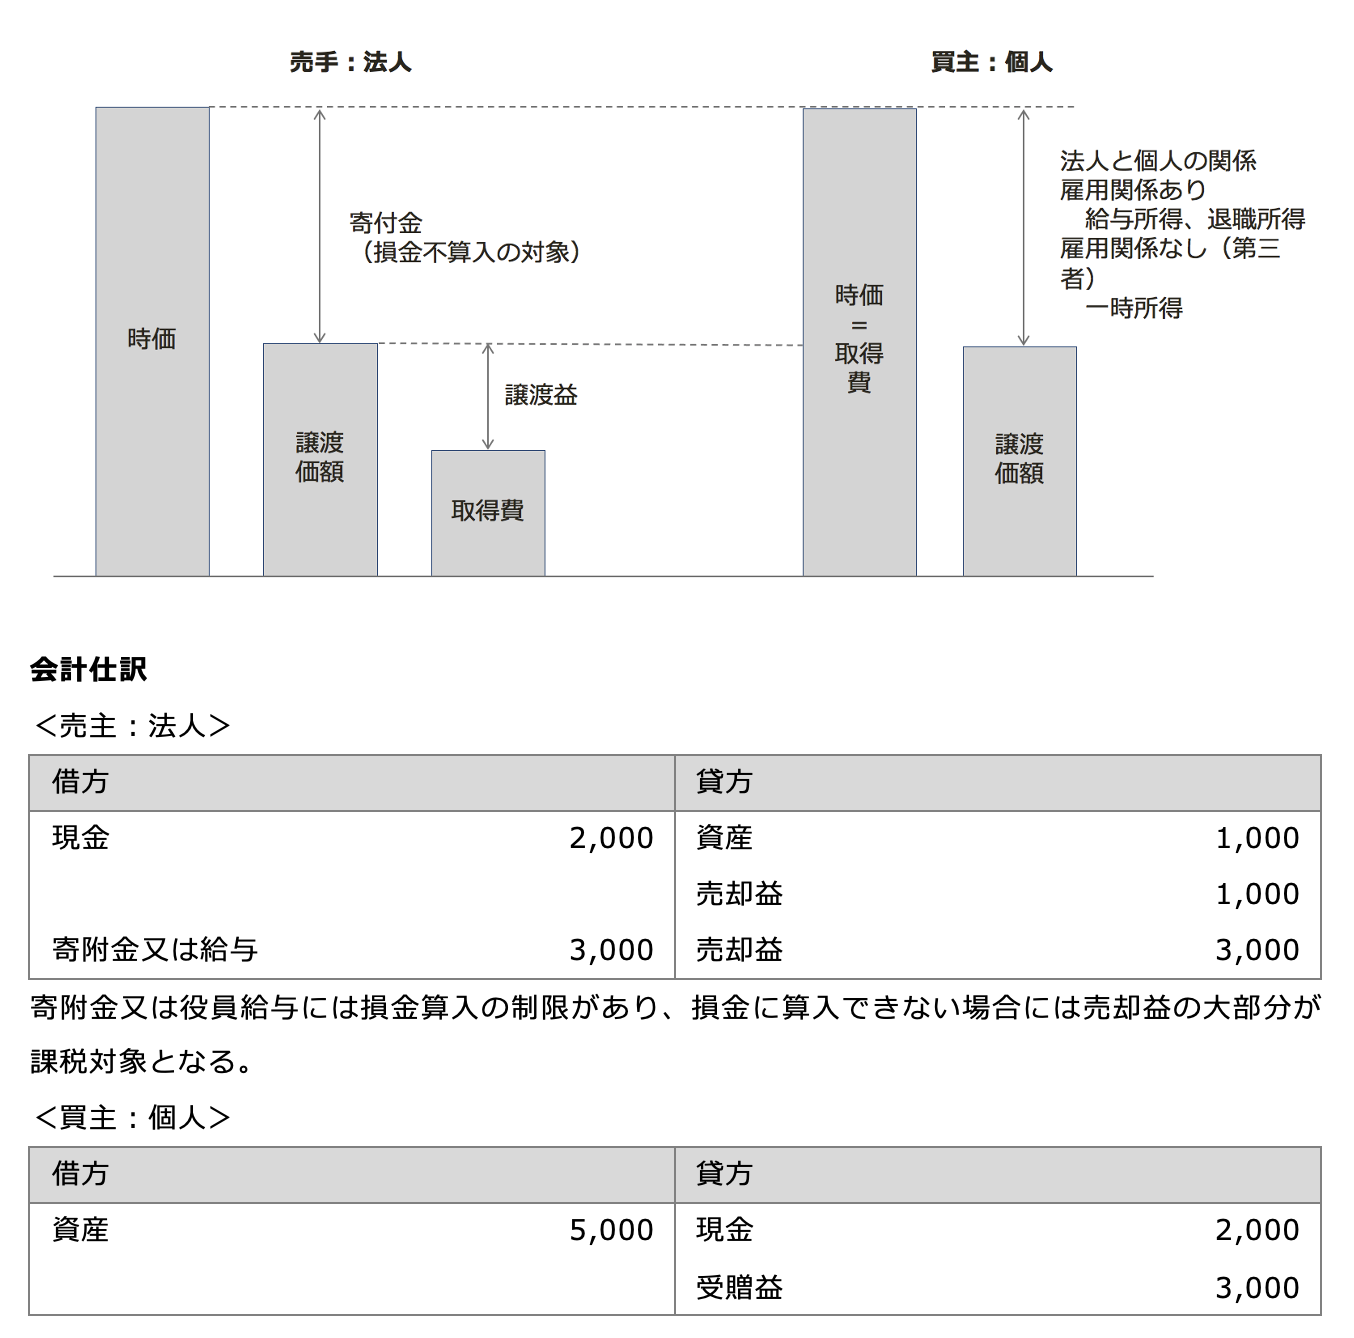 法人から個人への低額譲渡の課税関係 図解